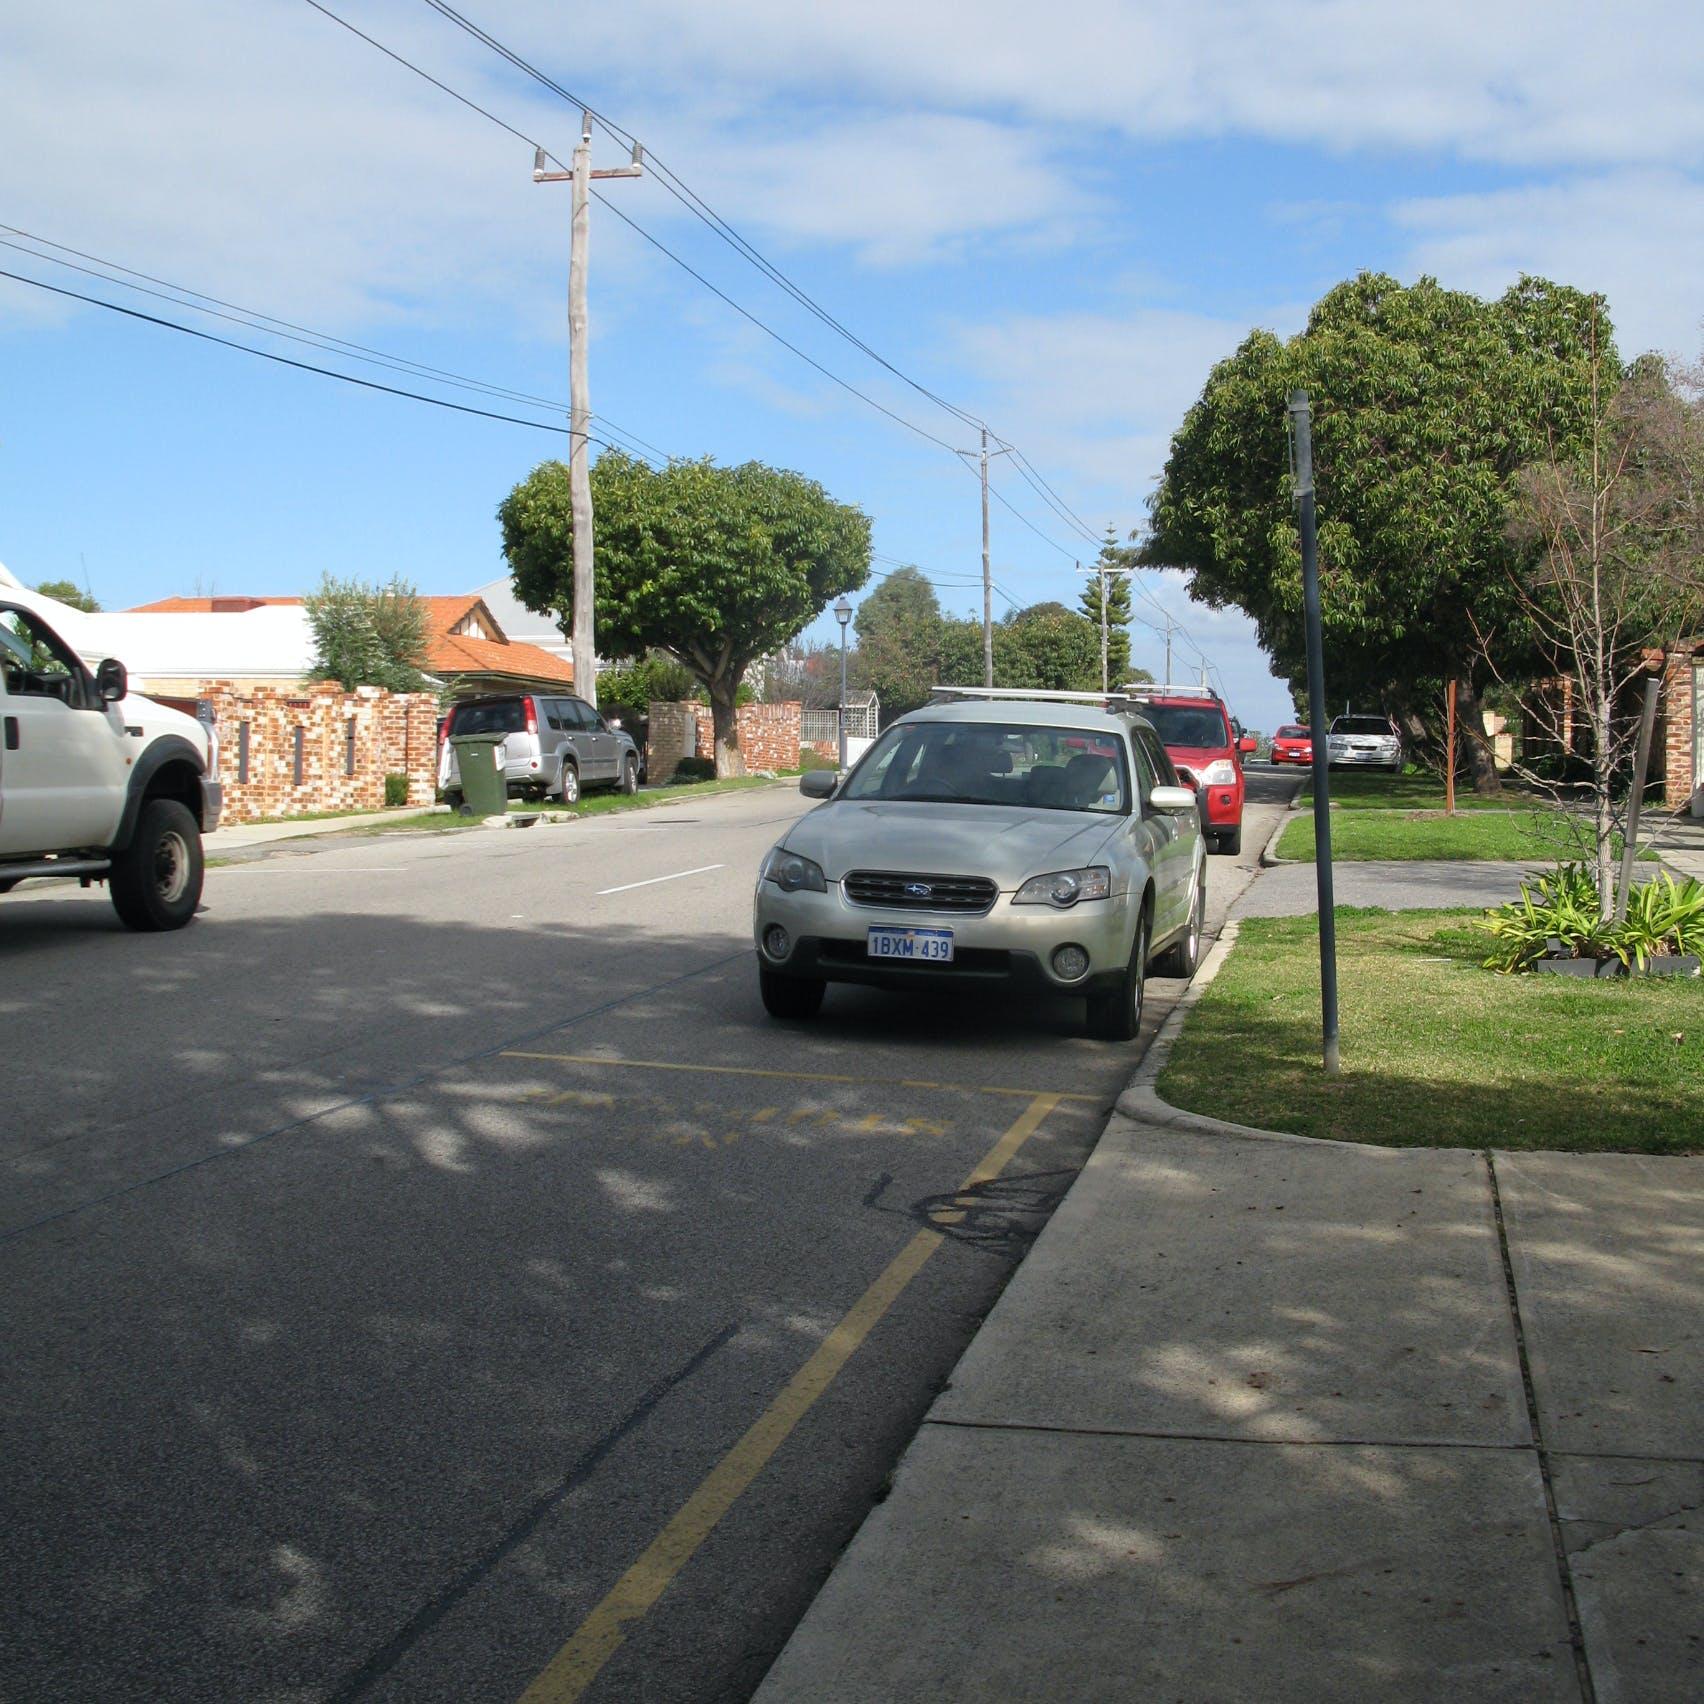 Loch Street